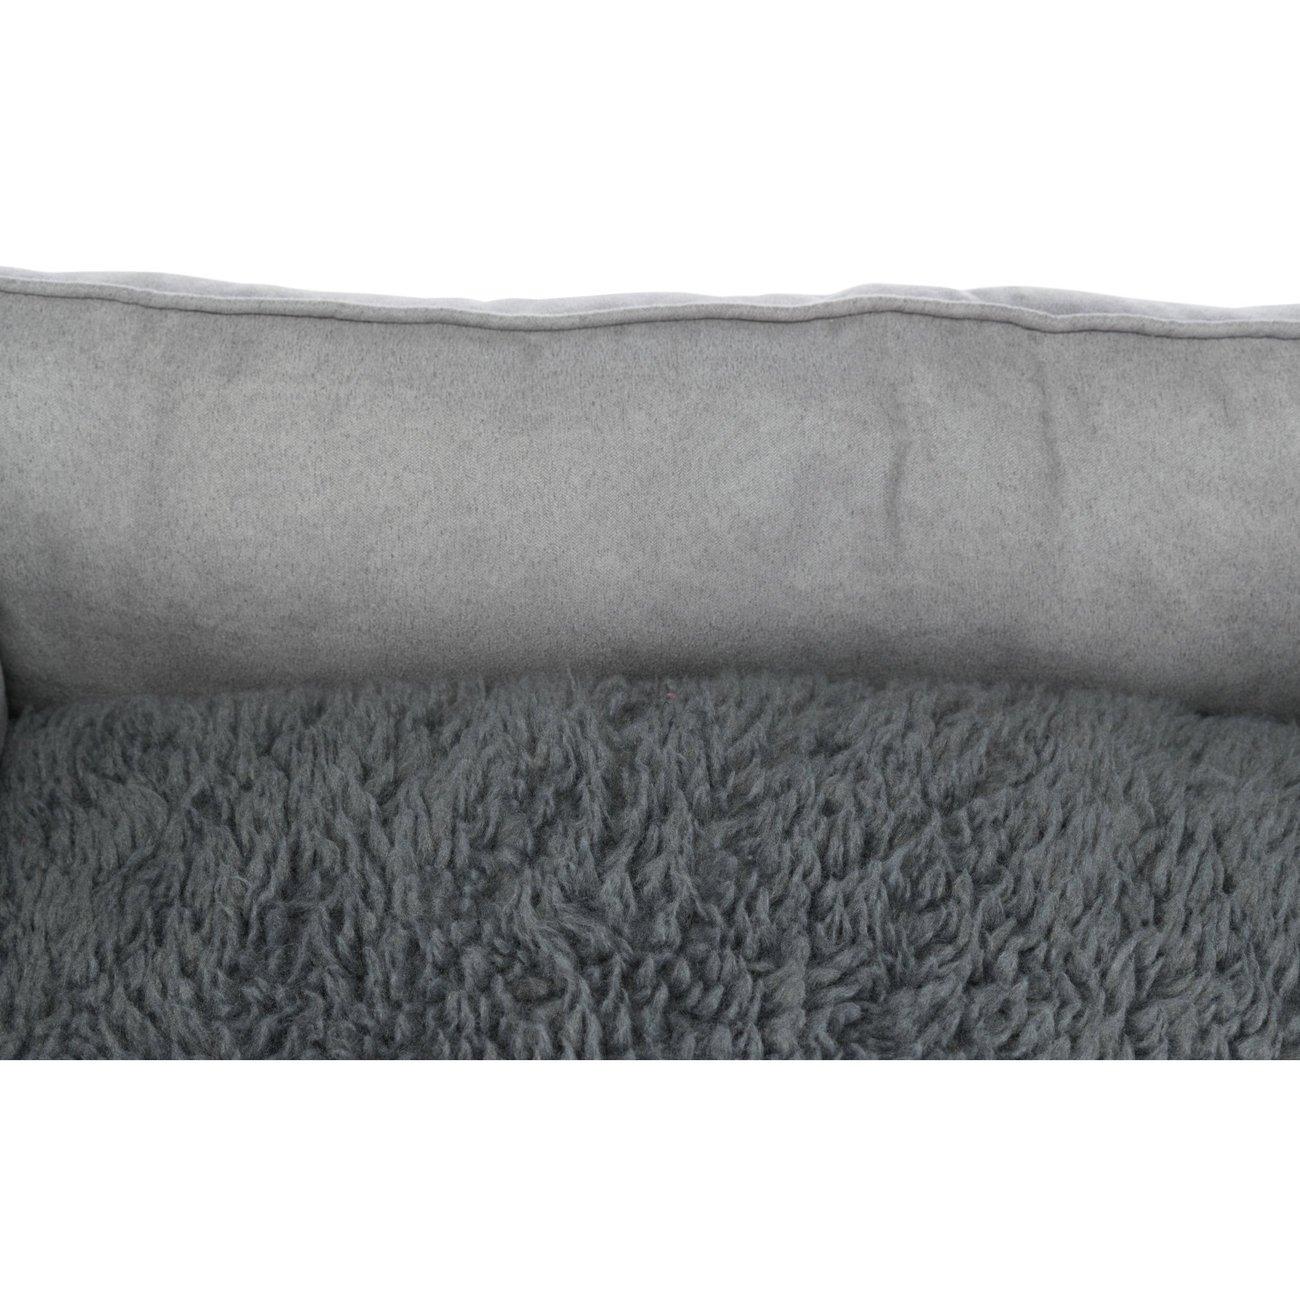 TRIXIE Wärmebett für Hunde Fendro 37517, Bild 8